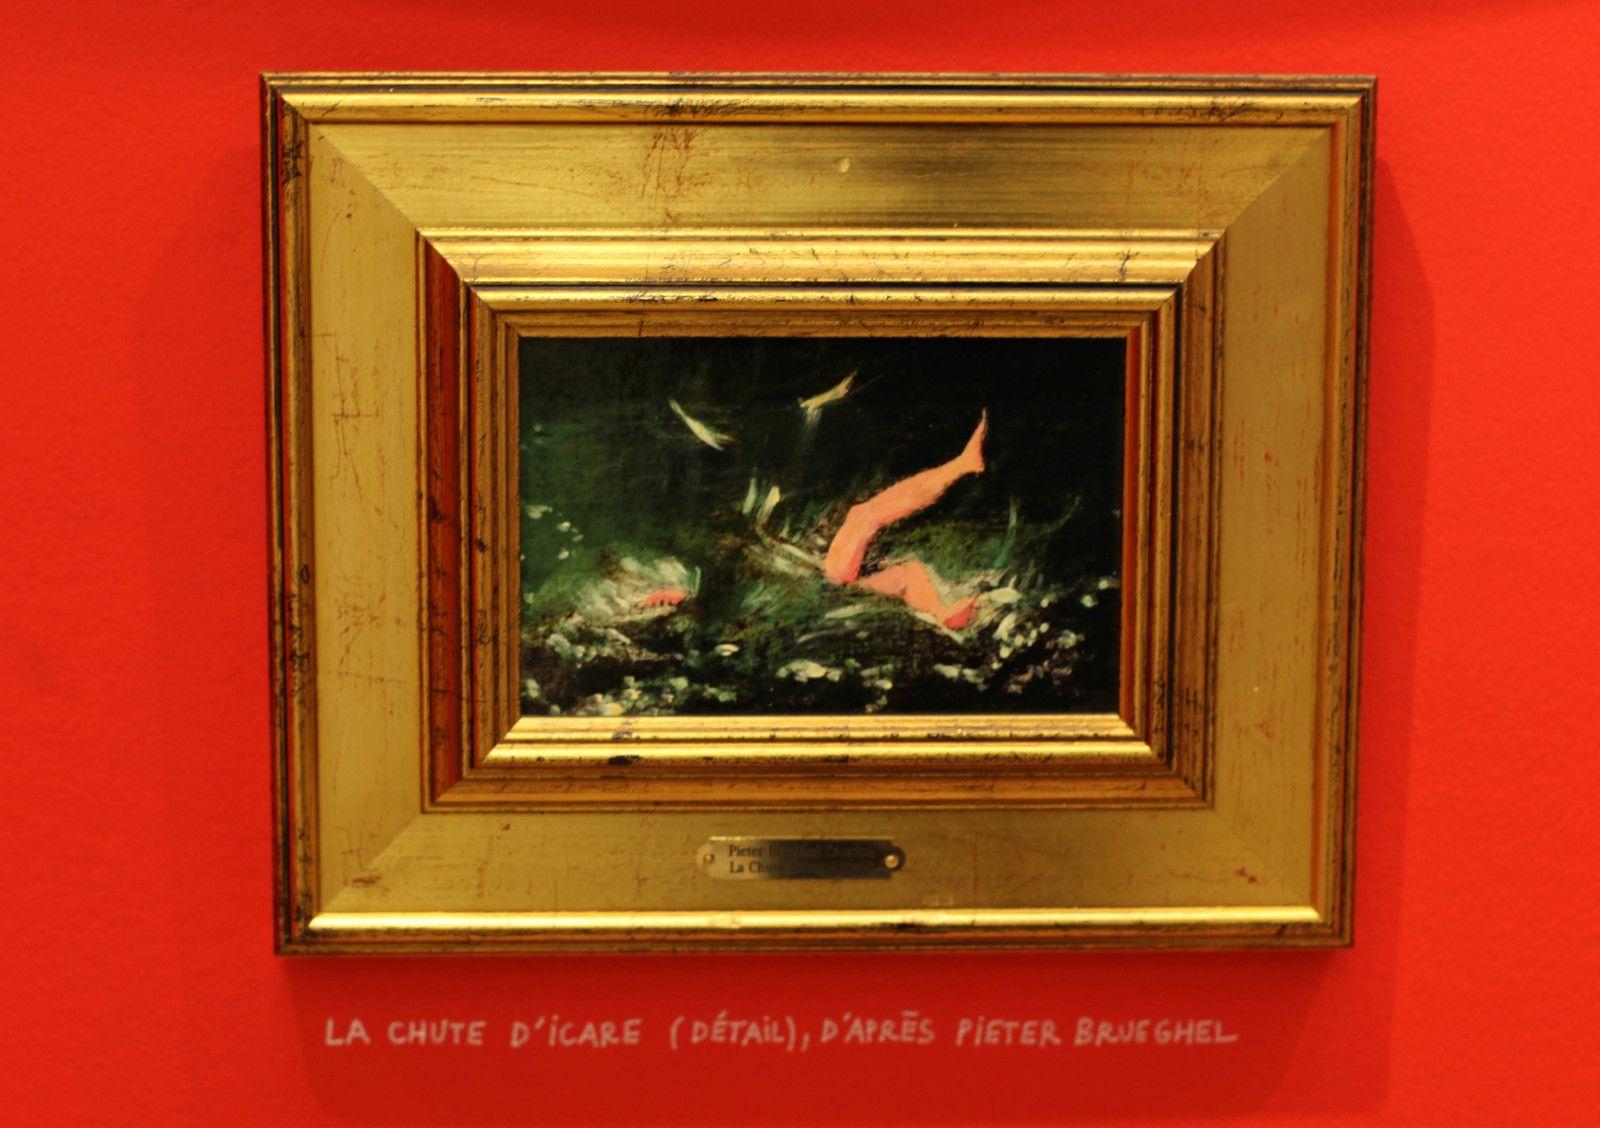 """""""La chute d'Icare (Détail), d'après Pieter BRUEGHEL"""" de Clémentine MÉLOIS - Courtesy de la Galerie Lara Vincy © Photo Éric Simon"""